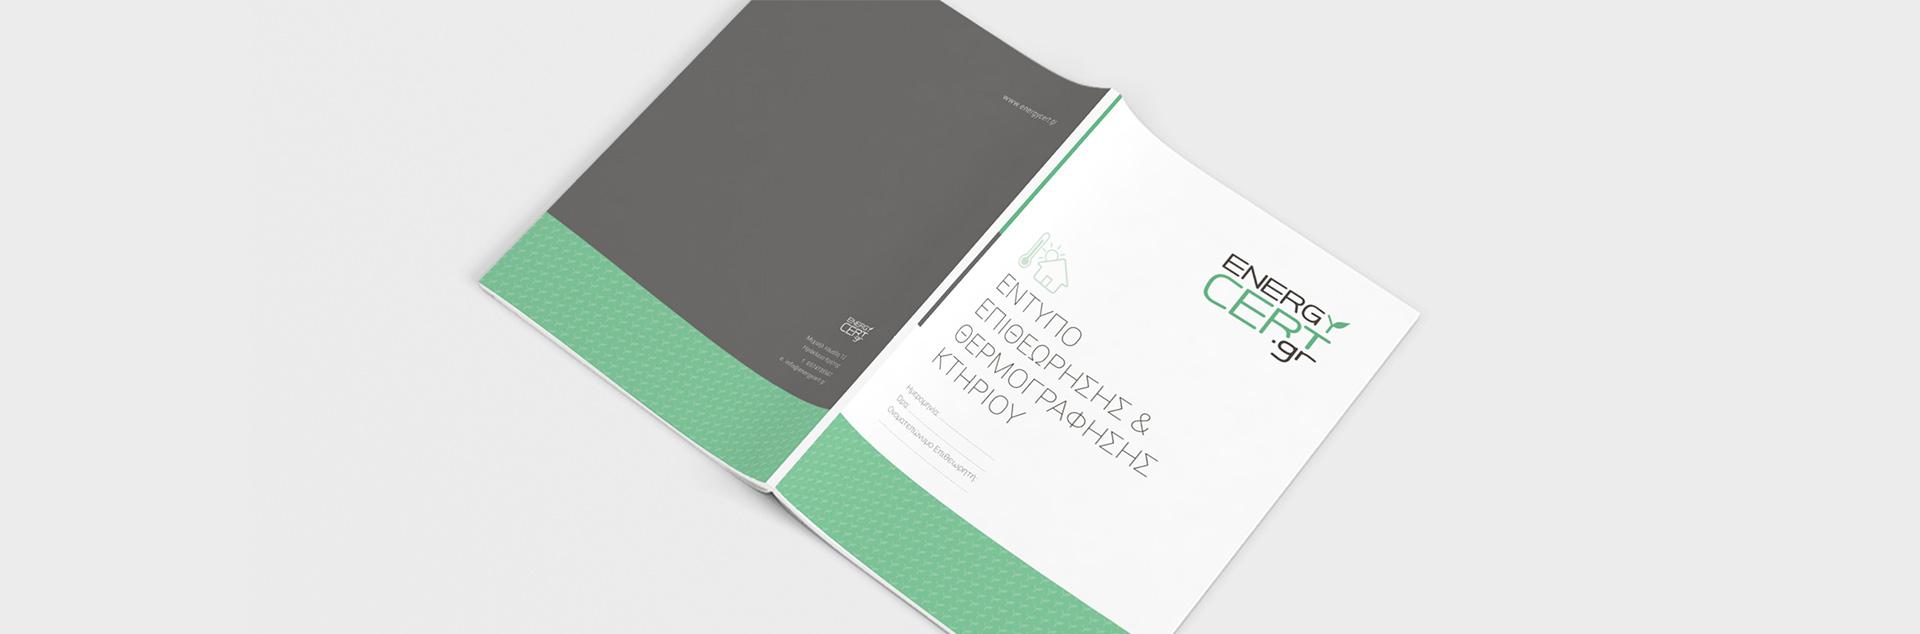 energycert branded material